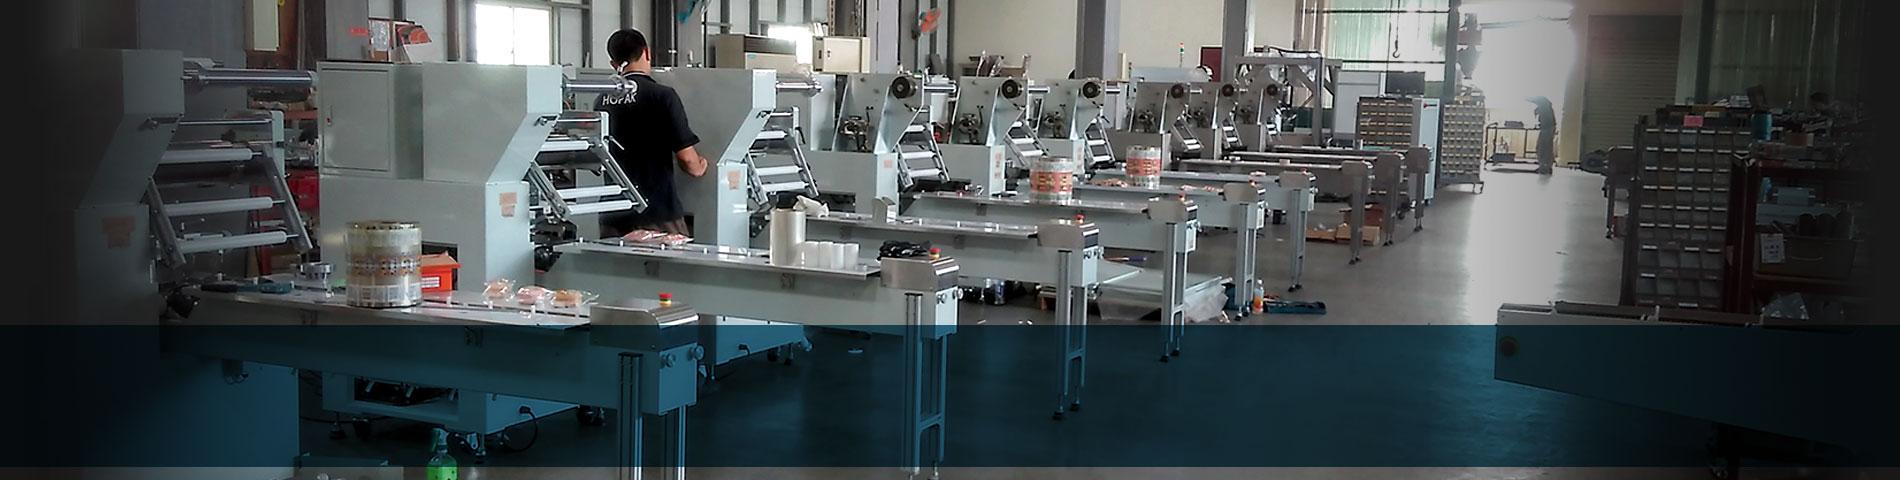 Fachmann Hersteller von Schlauchbeutelmaschinen